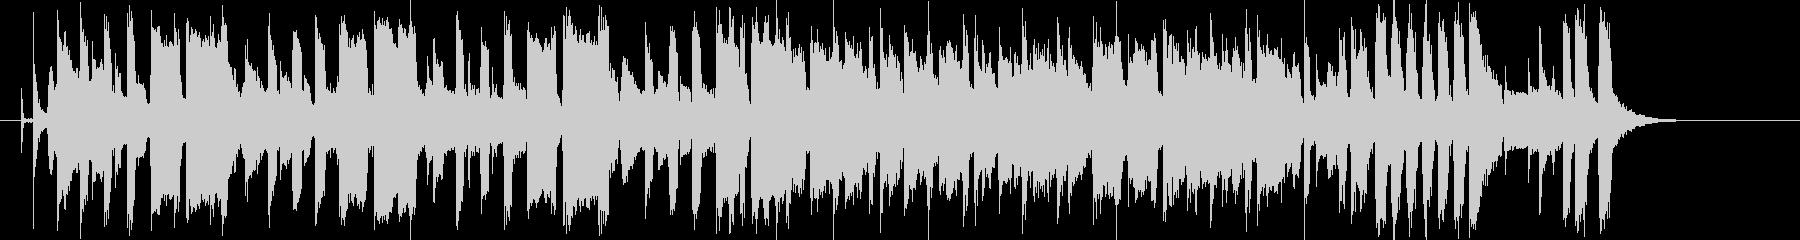 ホーンのメロディがさわやかなシンセポップの未再生の波形